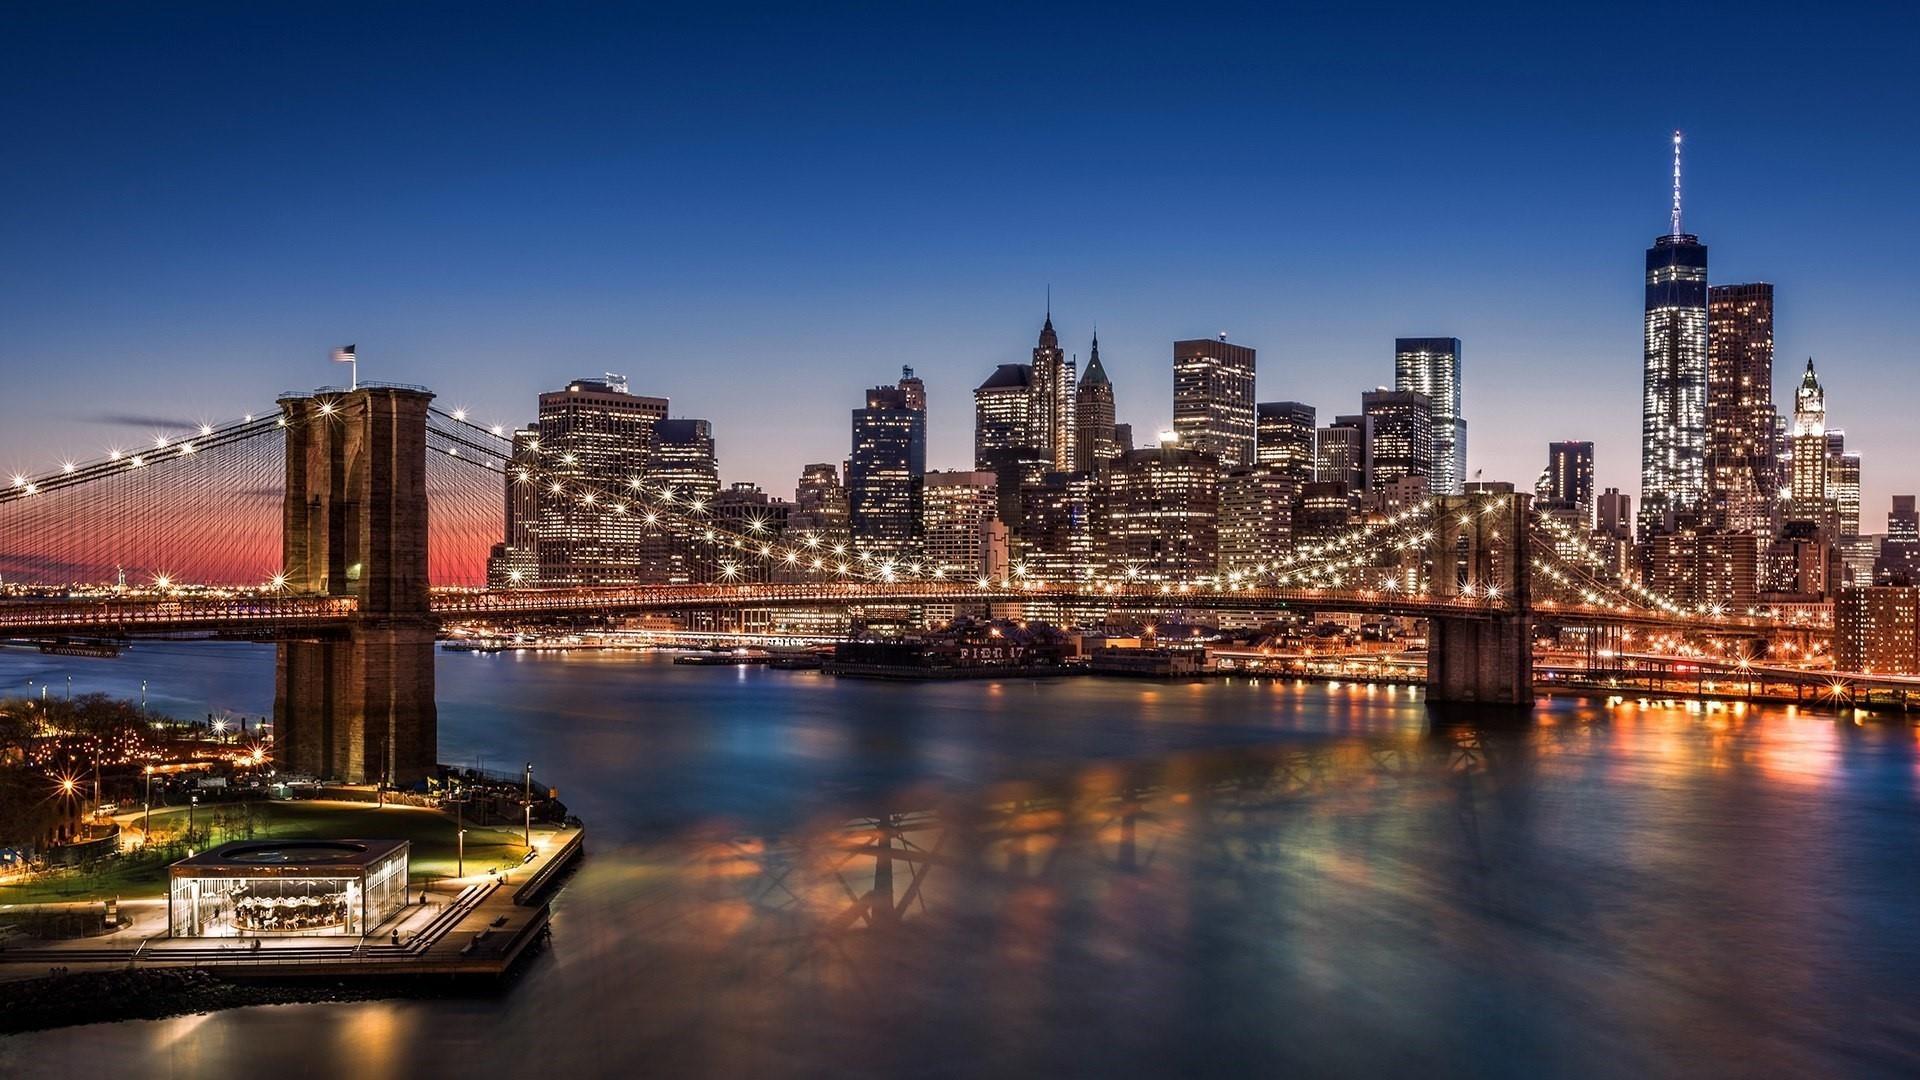 Panoramic Town Pic